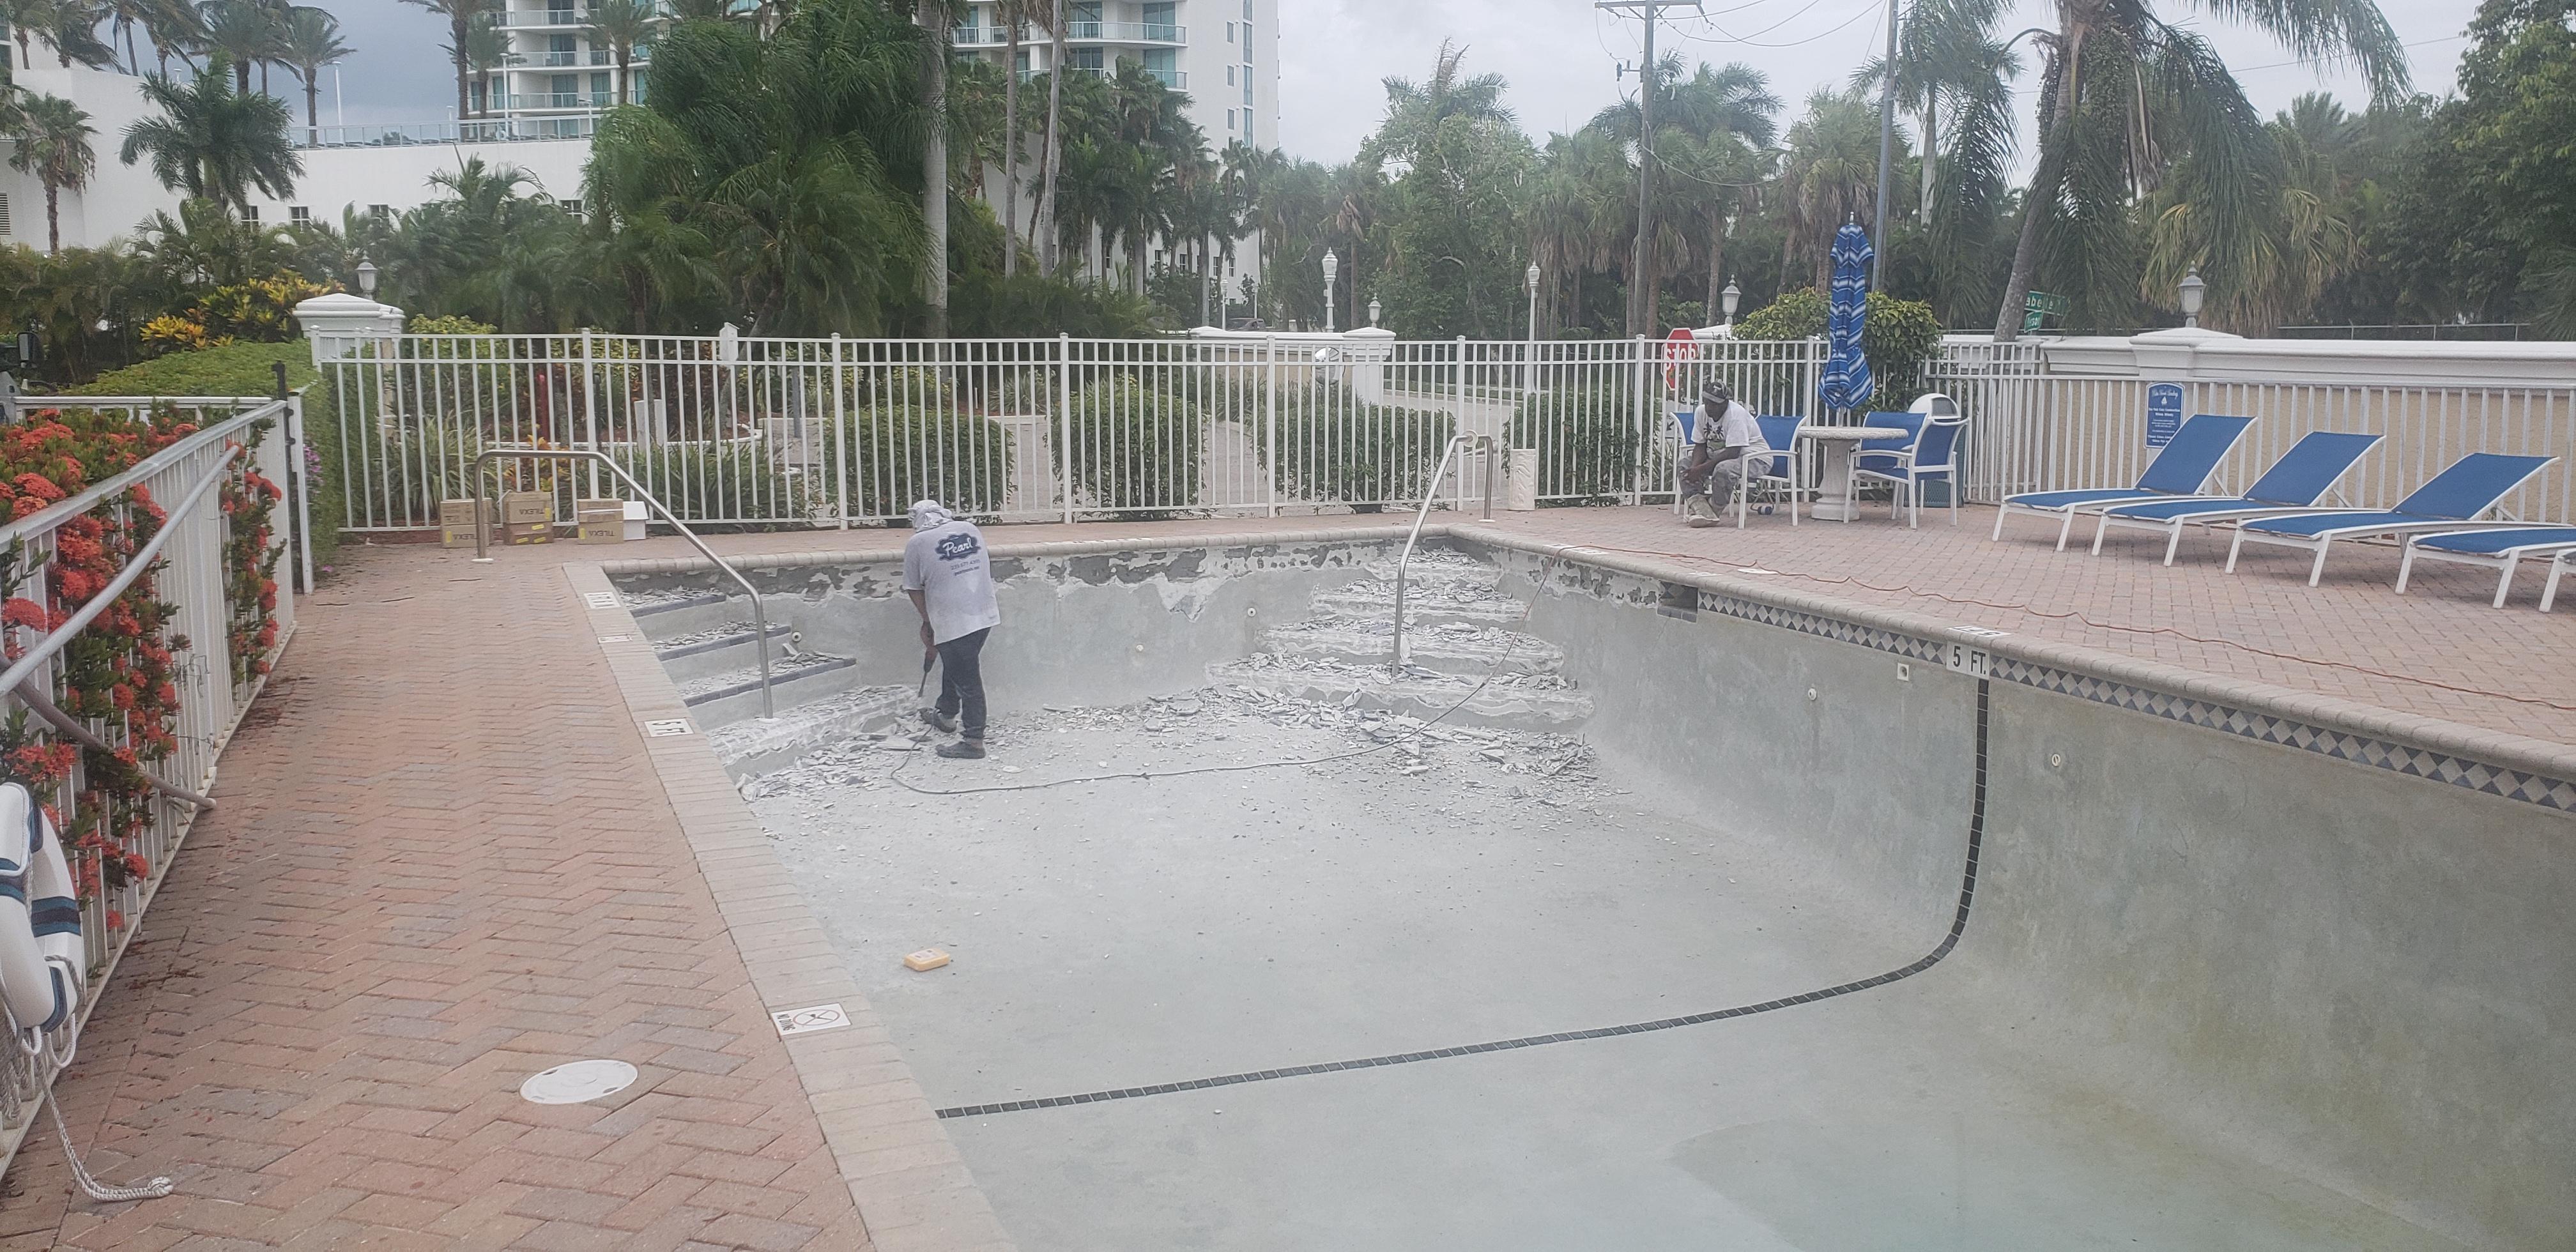 2019-07-08 Pool Resurfacings (21)